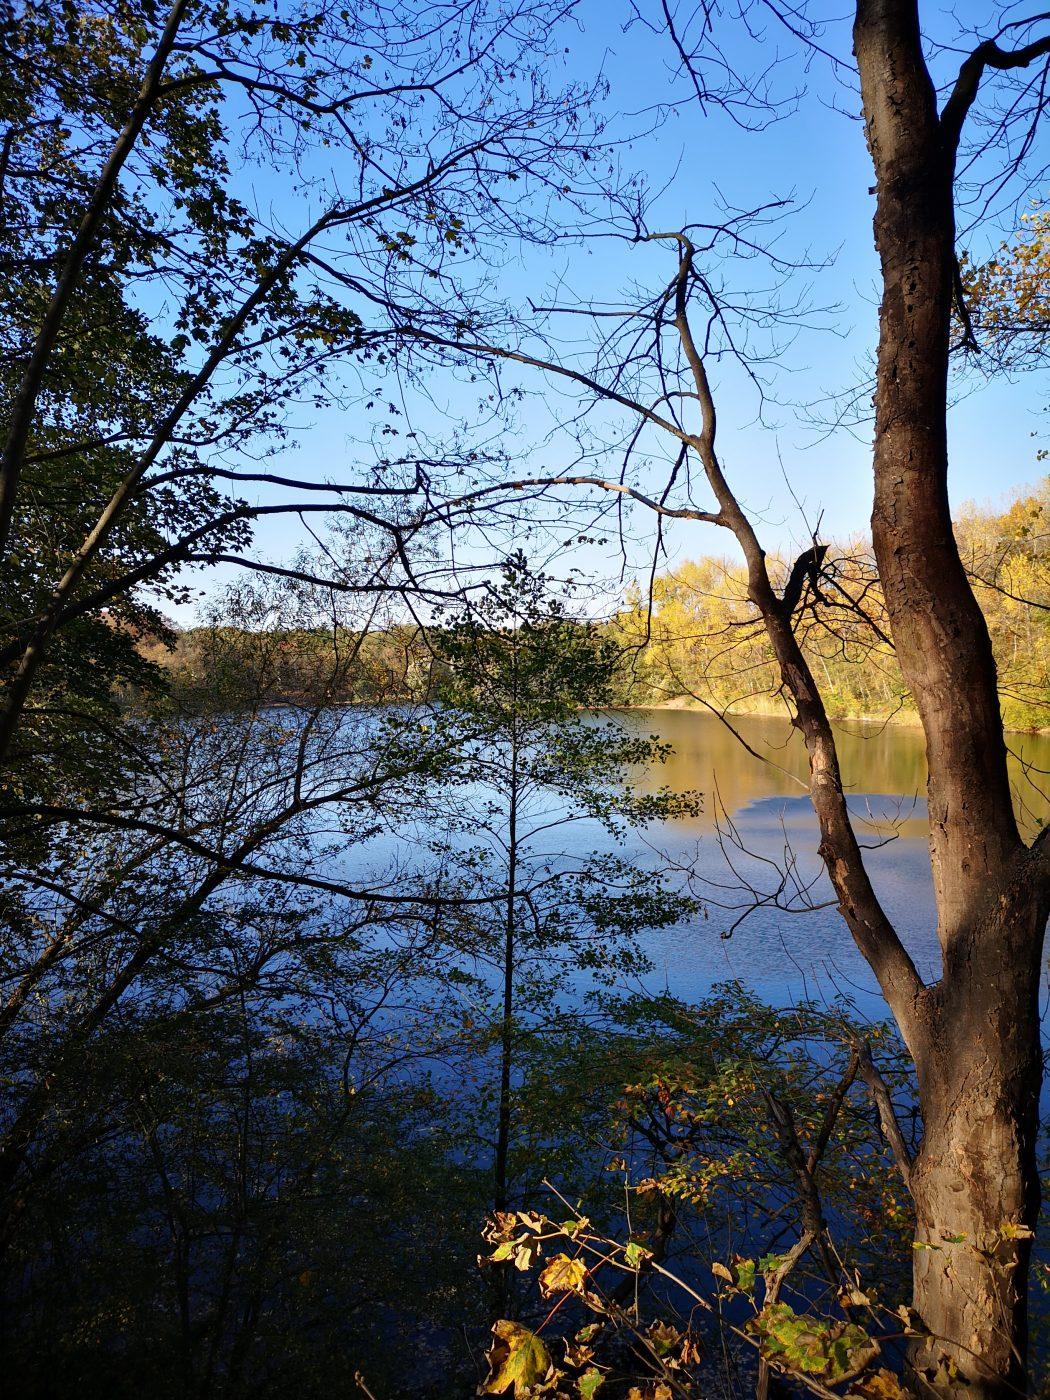 Das Bild zeigt den Blick auf einen See